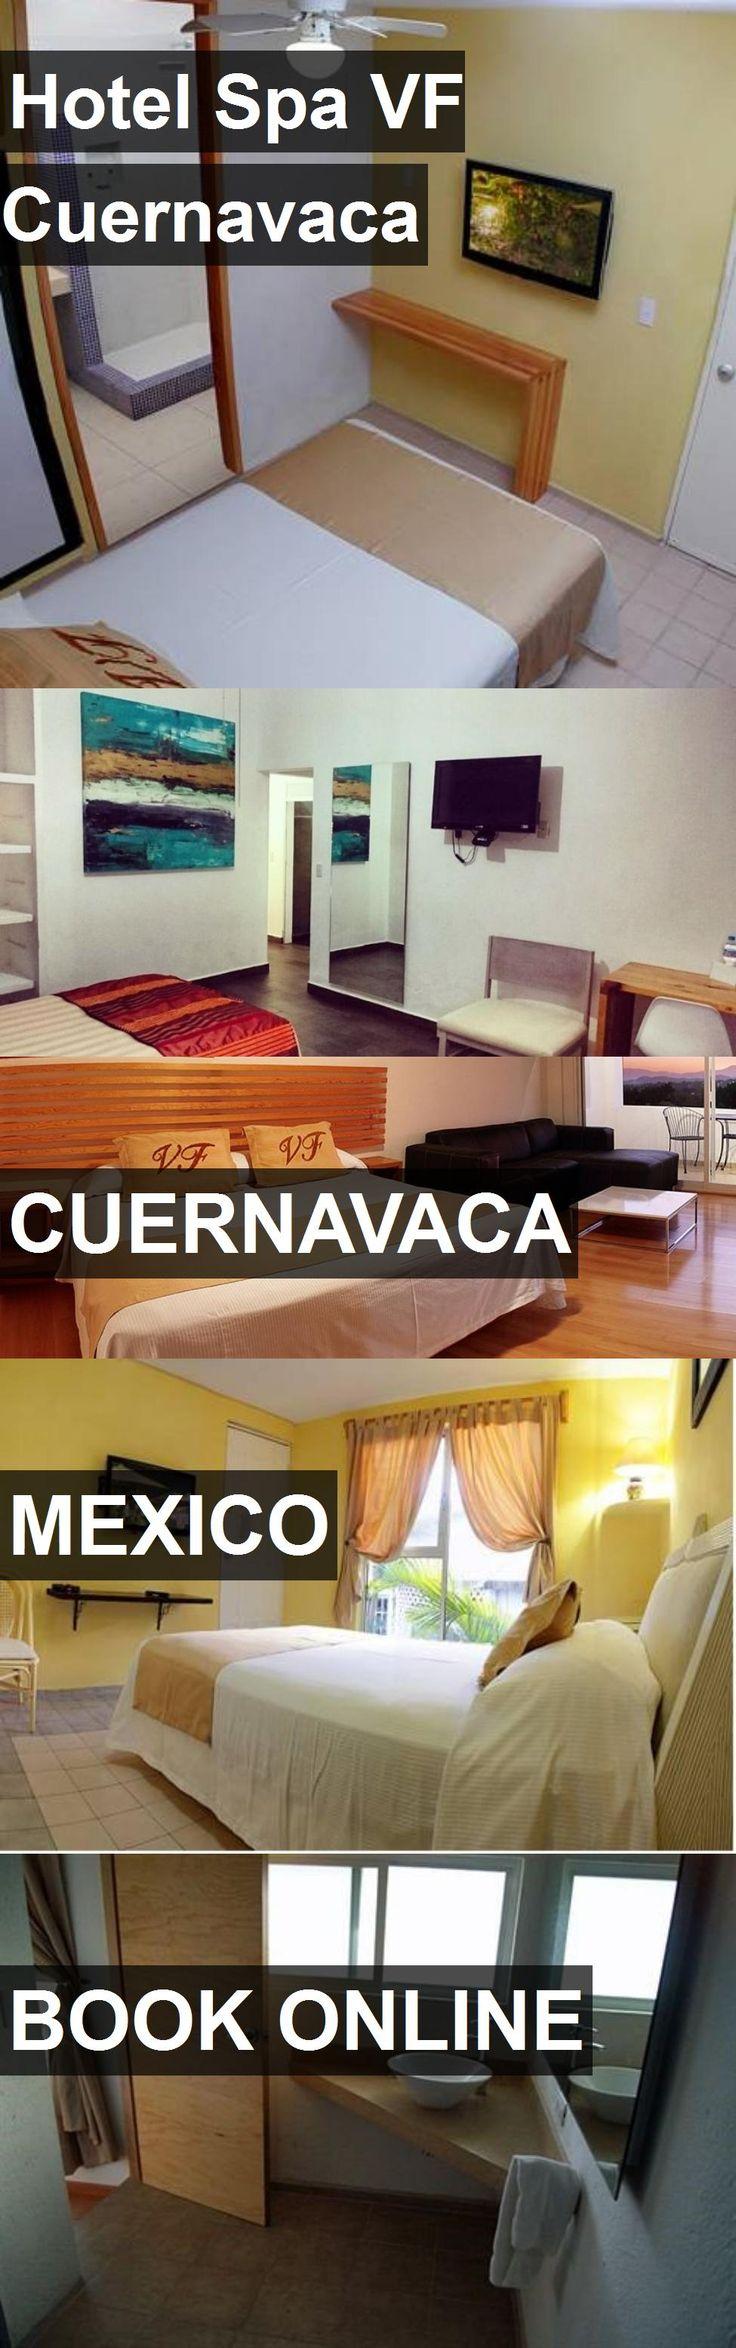 Hotel Spa VF Cuernavaca in Cuernavaca, Mexico. For more information, photos, reviews and best prices please follow the link. #Mexico #Cuernavaca #travel #vacation #hotel